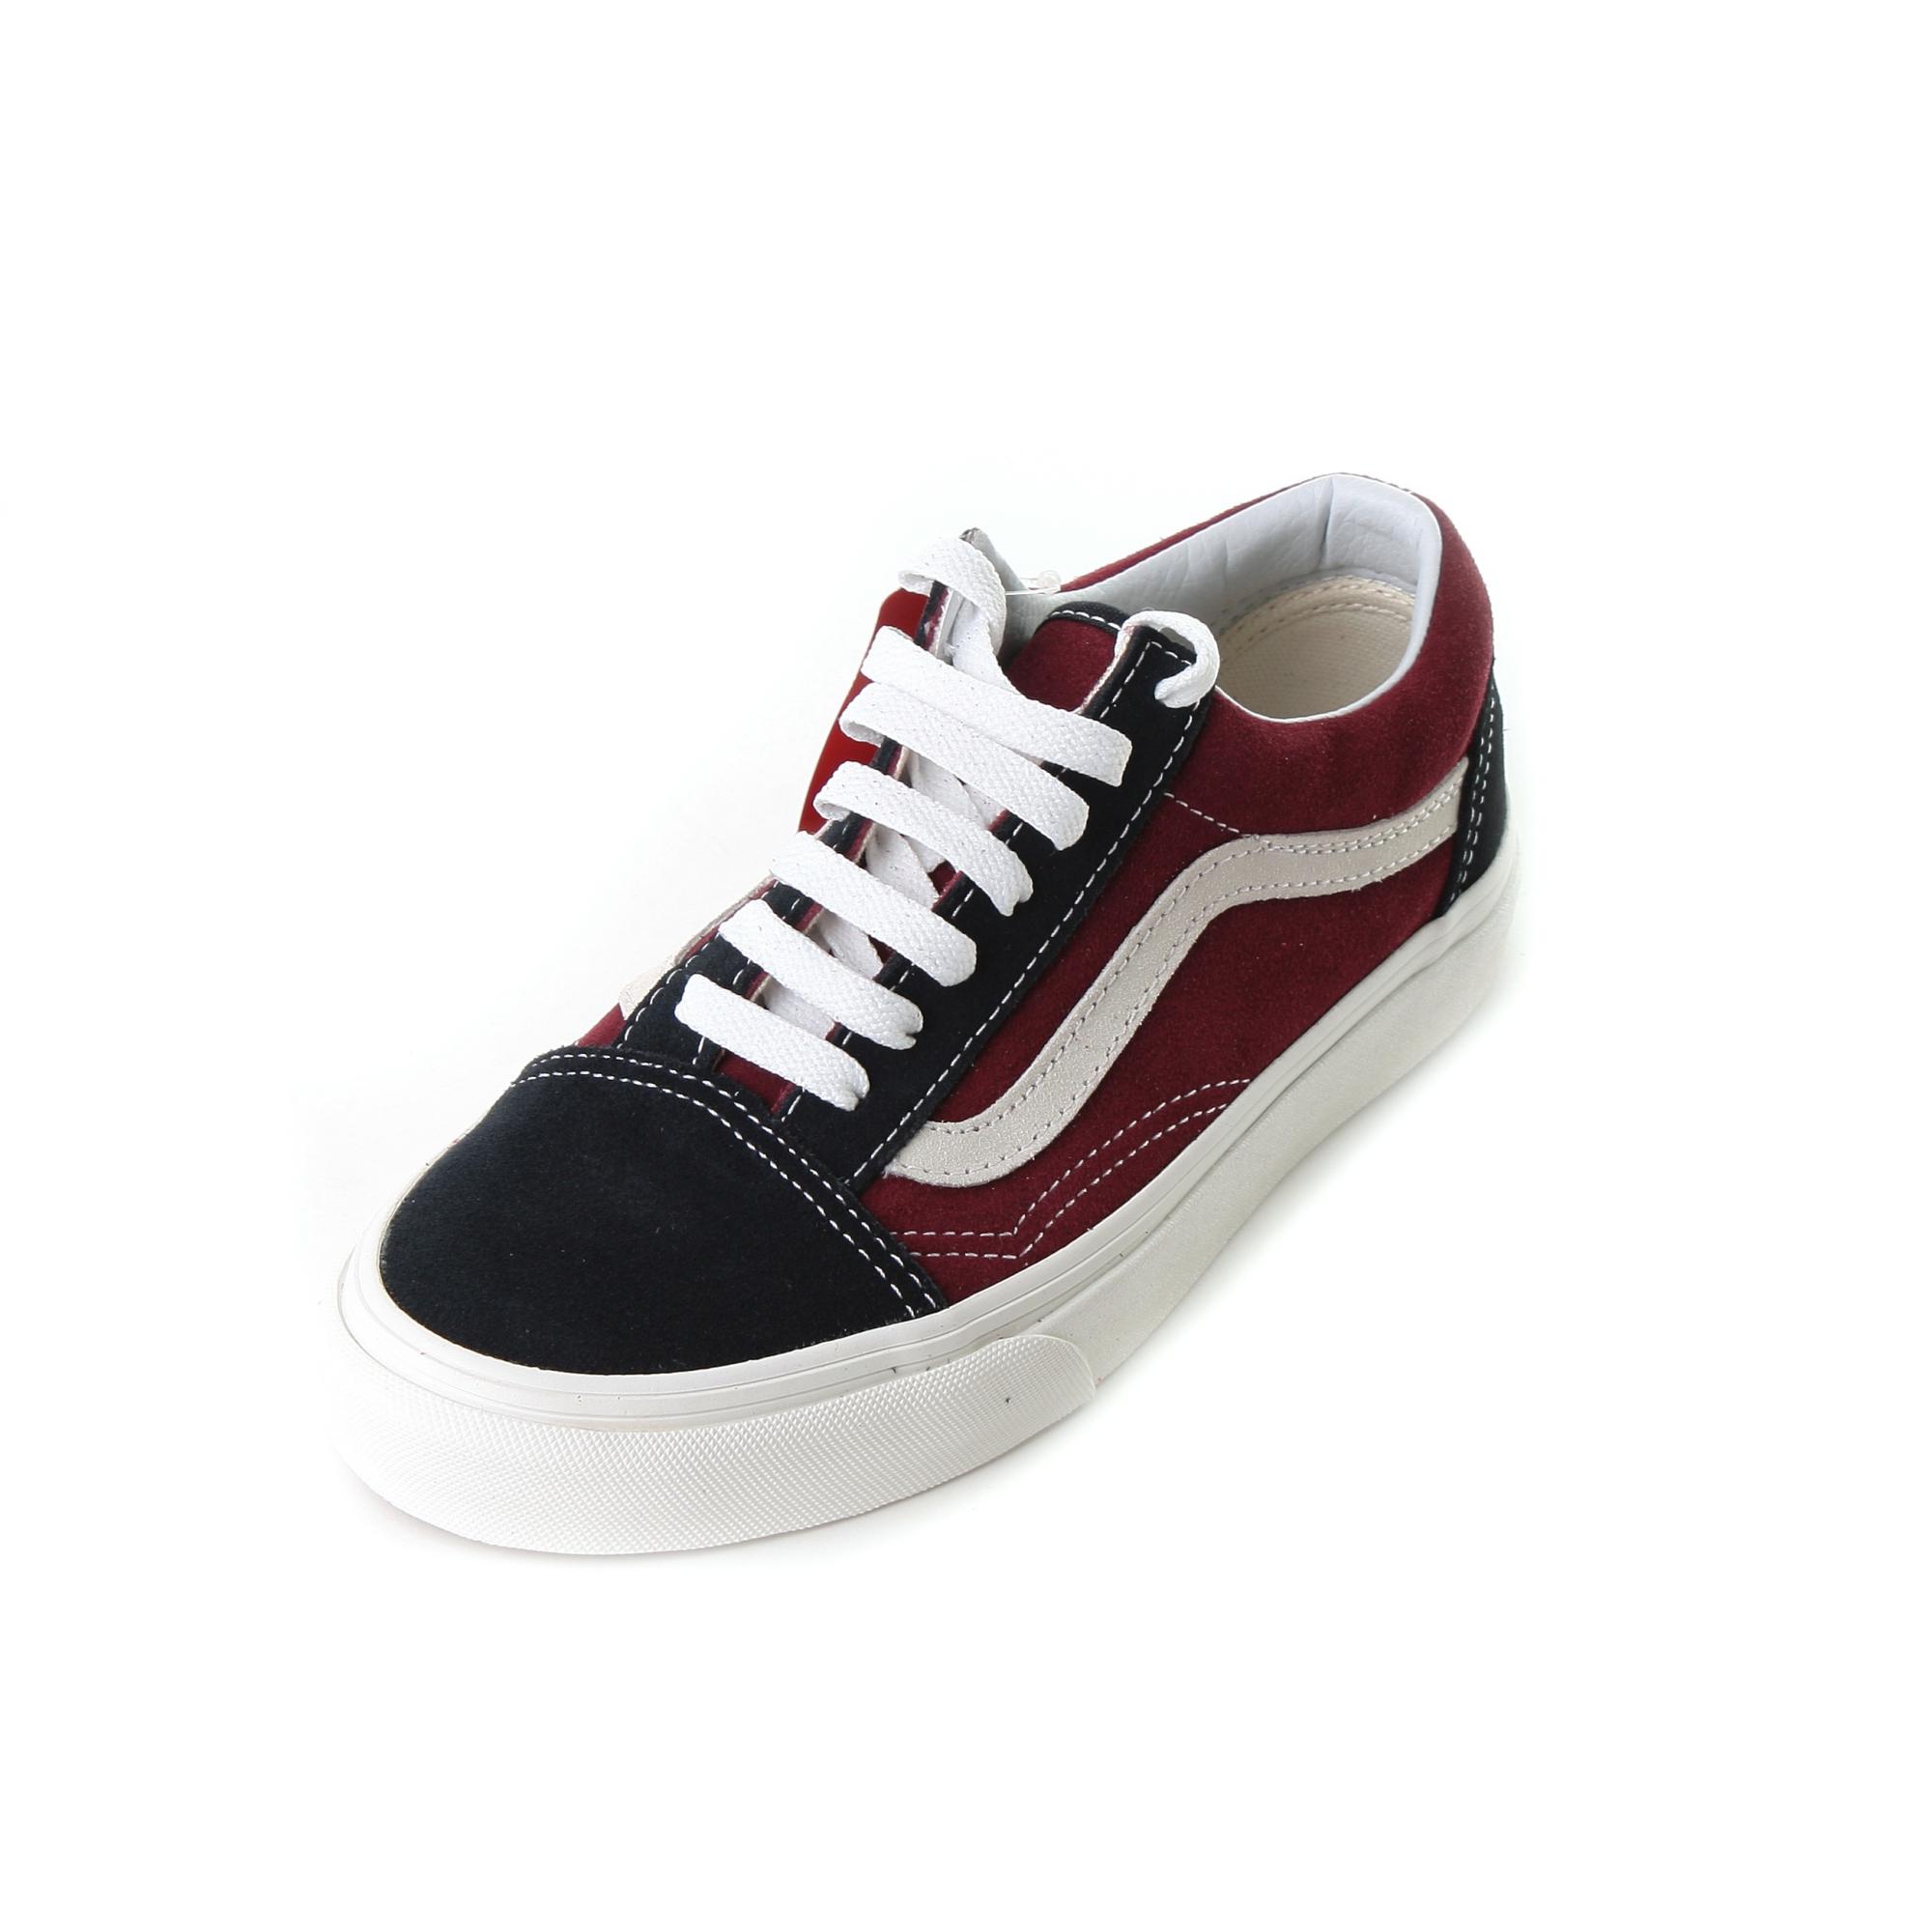 vans sneakers low top old skool teen. Black Bedroom Furniture Sets. Home Design Ideas